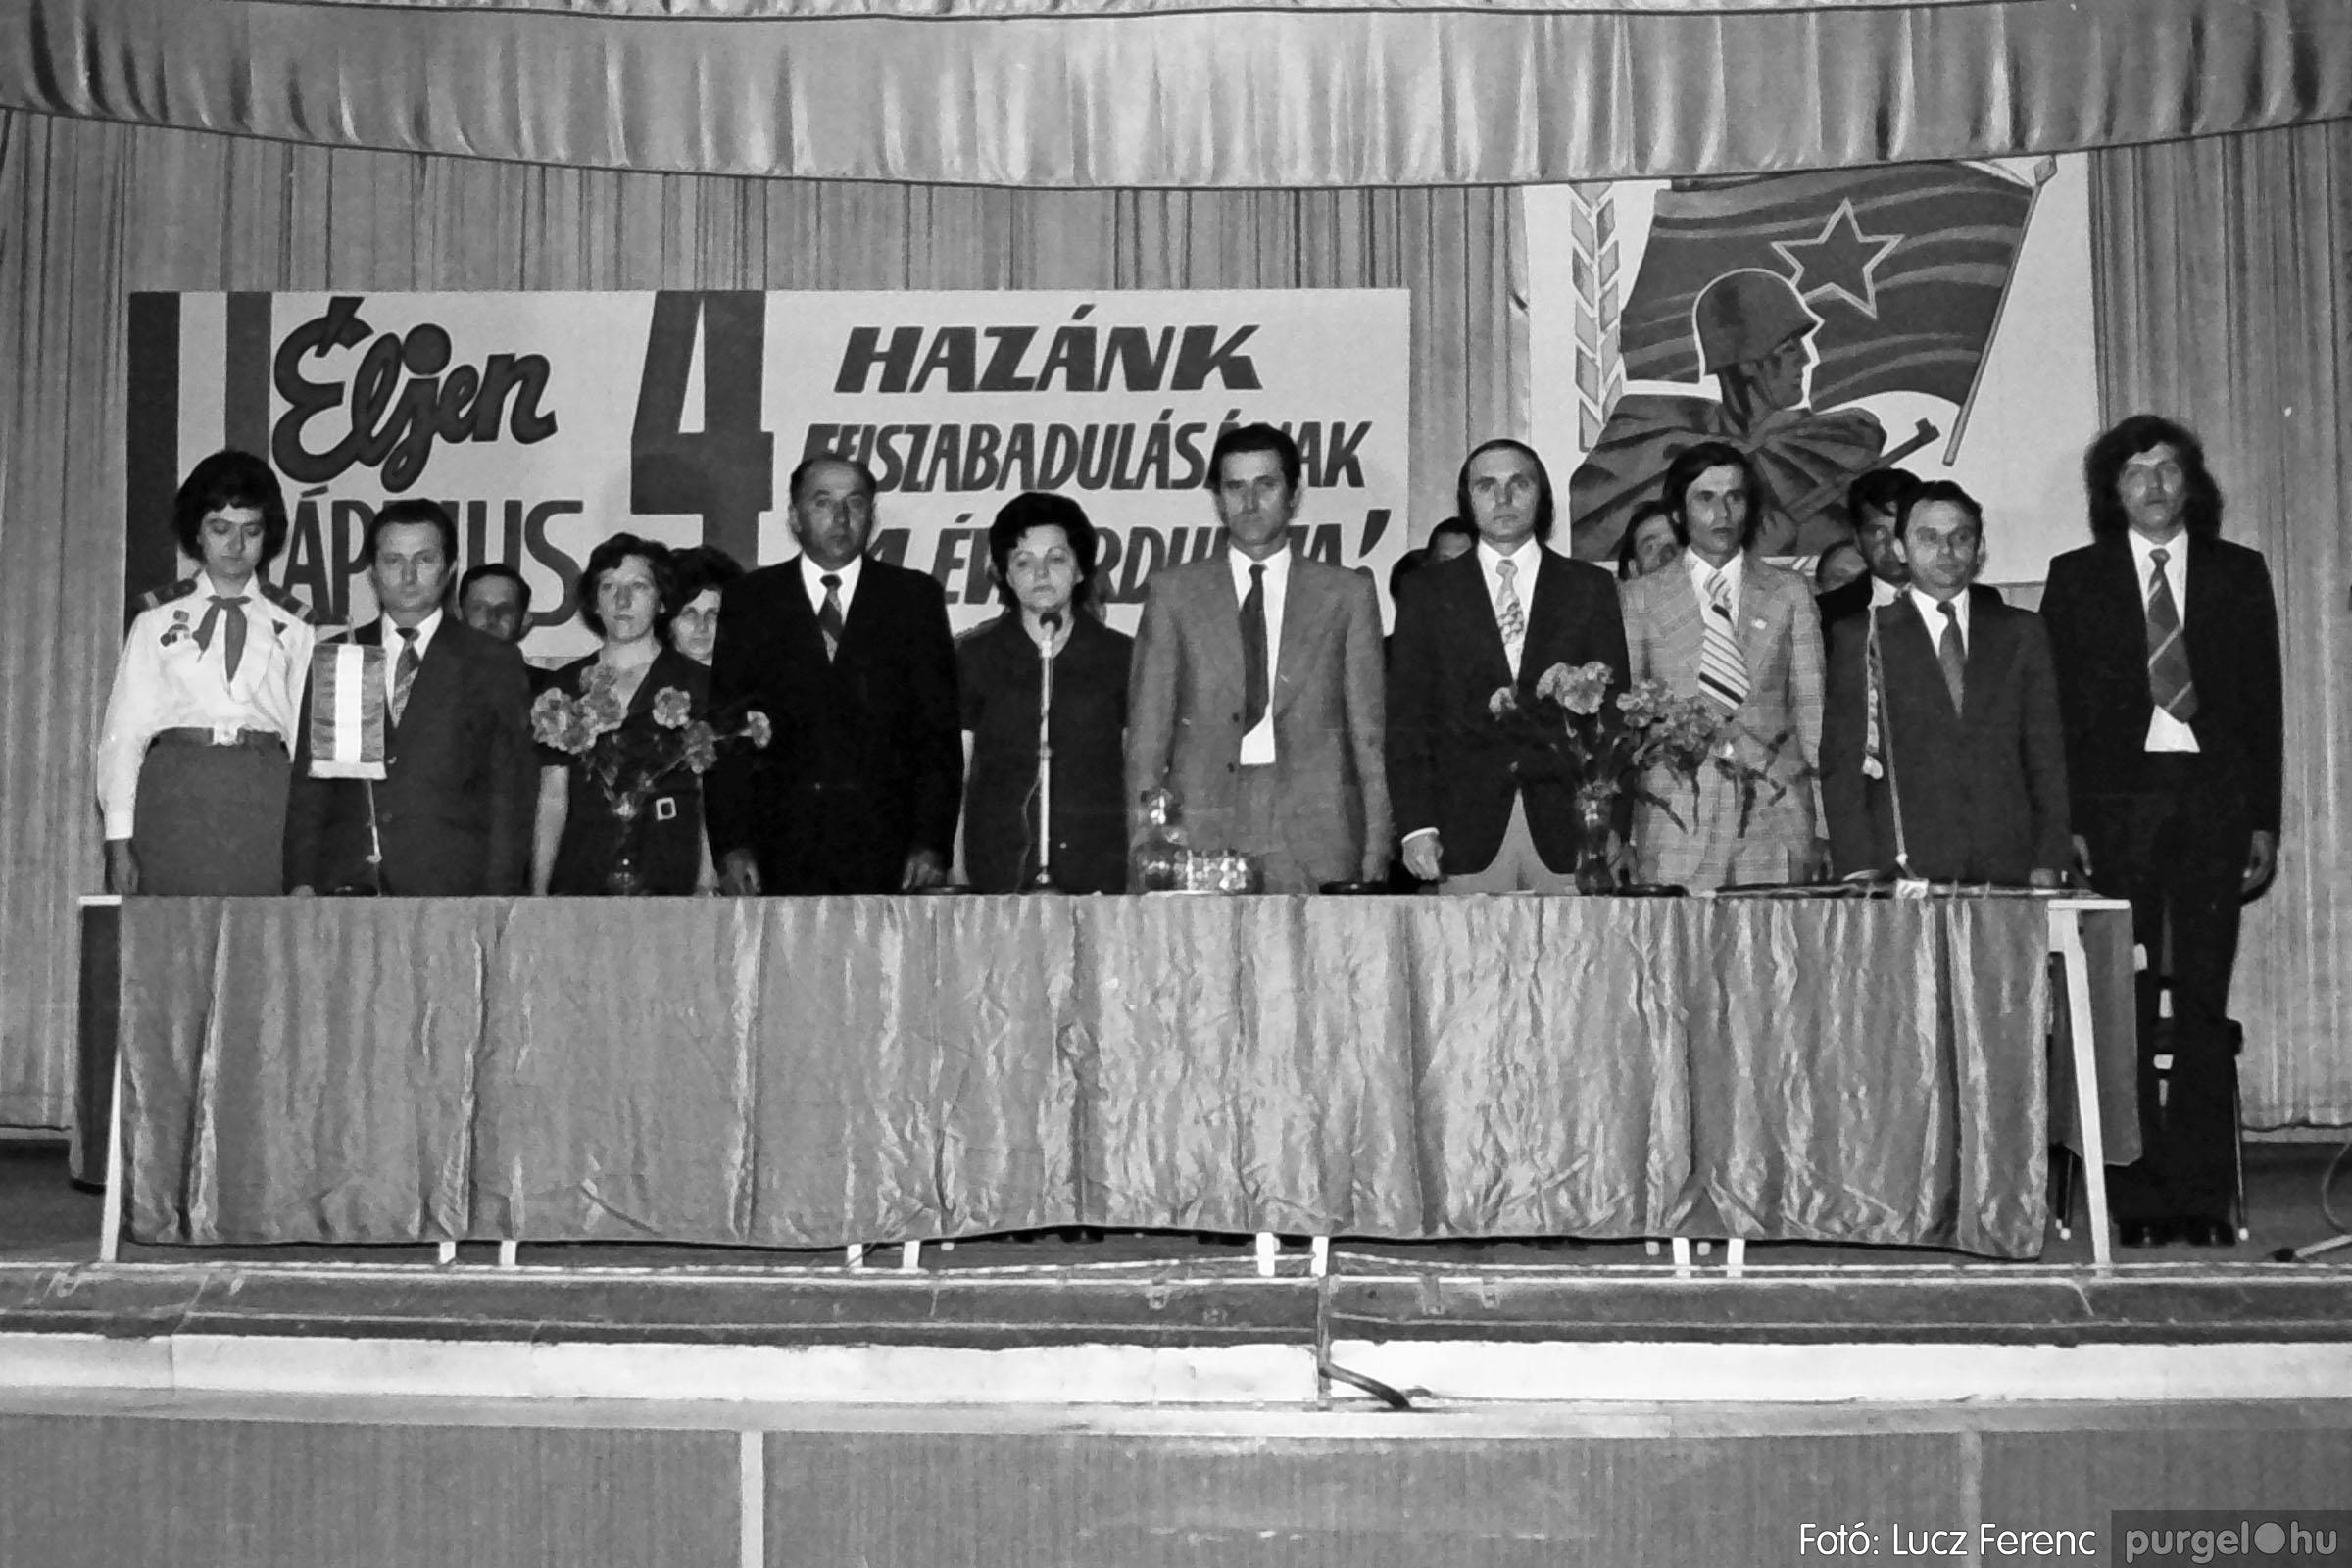 039. 1976.04.04. Április 4-i ünnepség a kultúrházban 003. - Fotó: Lucz Ferenc.jpg